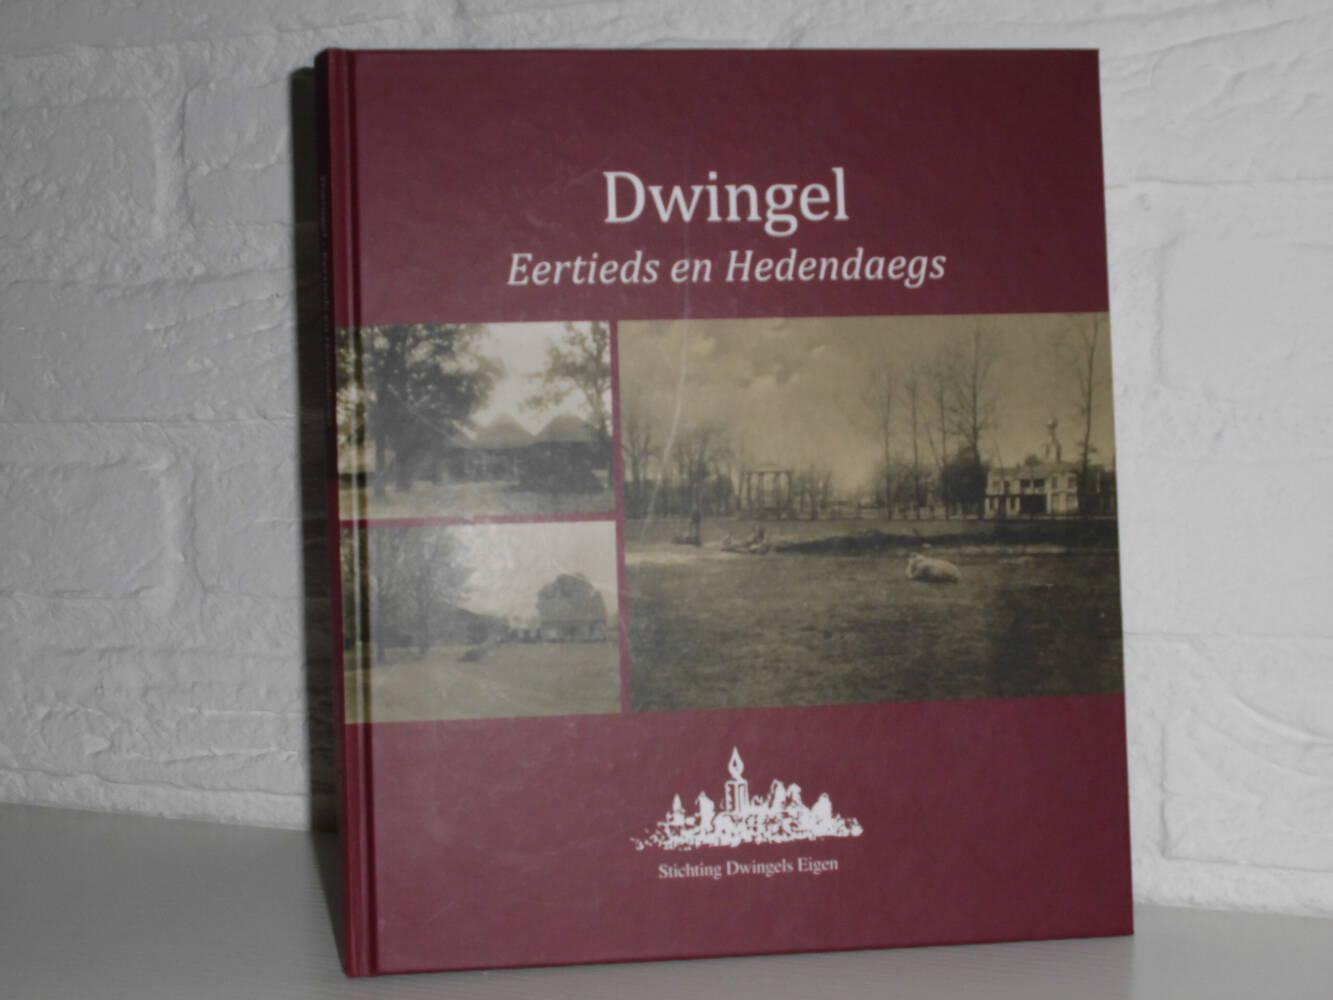 Dwingel - Eertieds en Hedendaegs